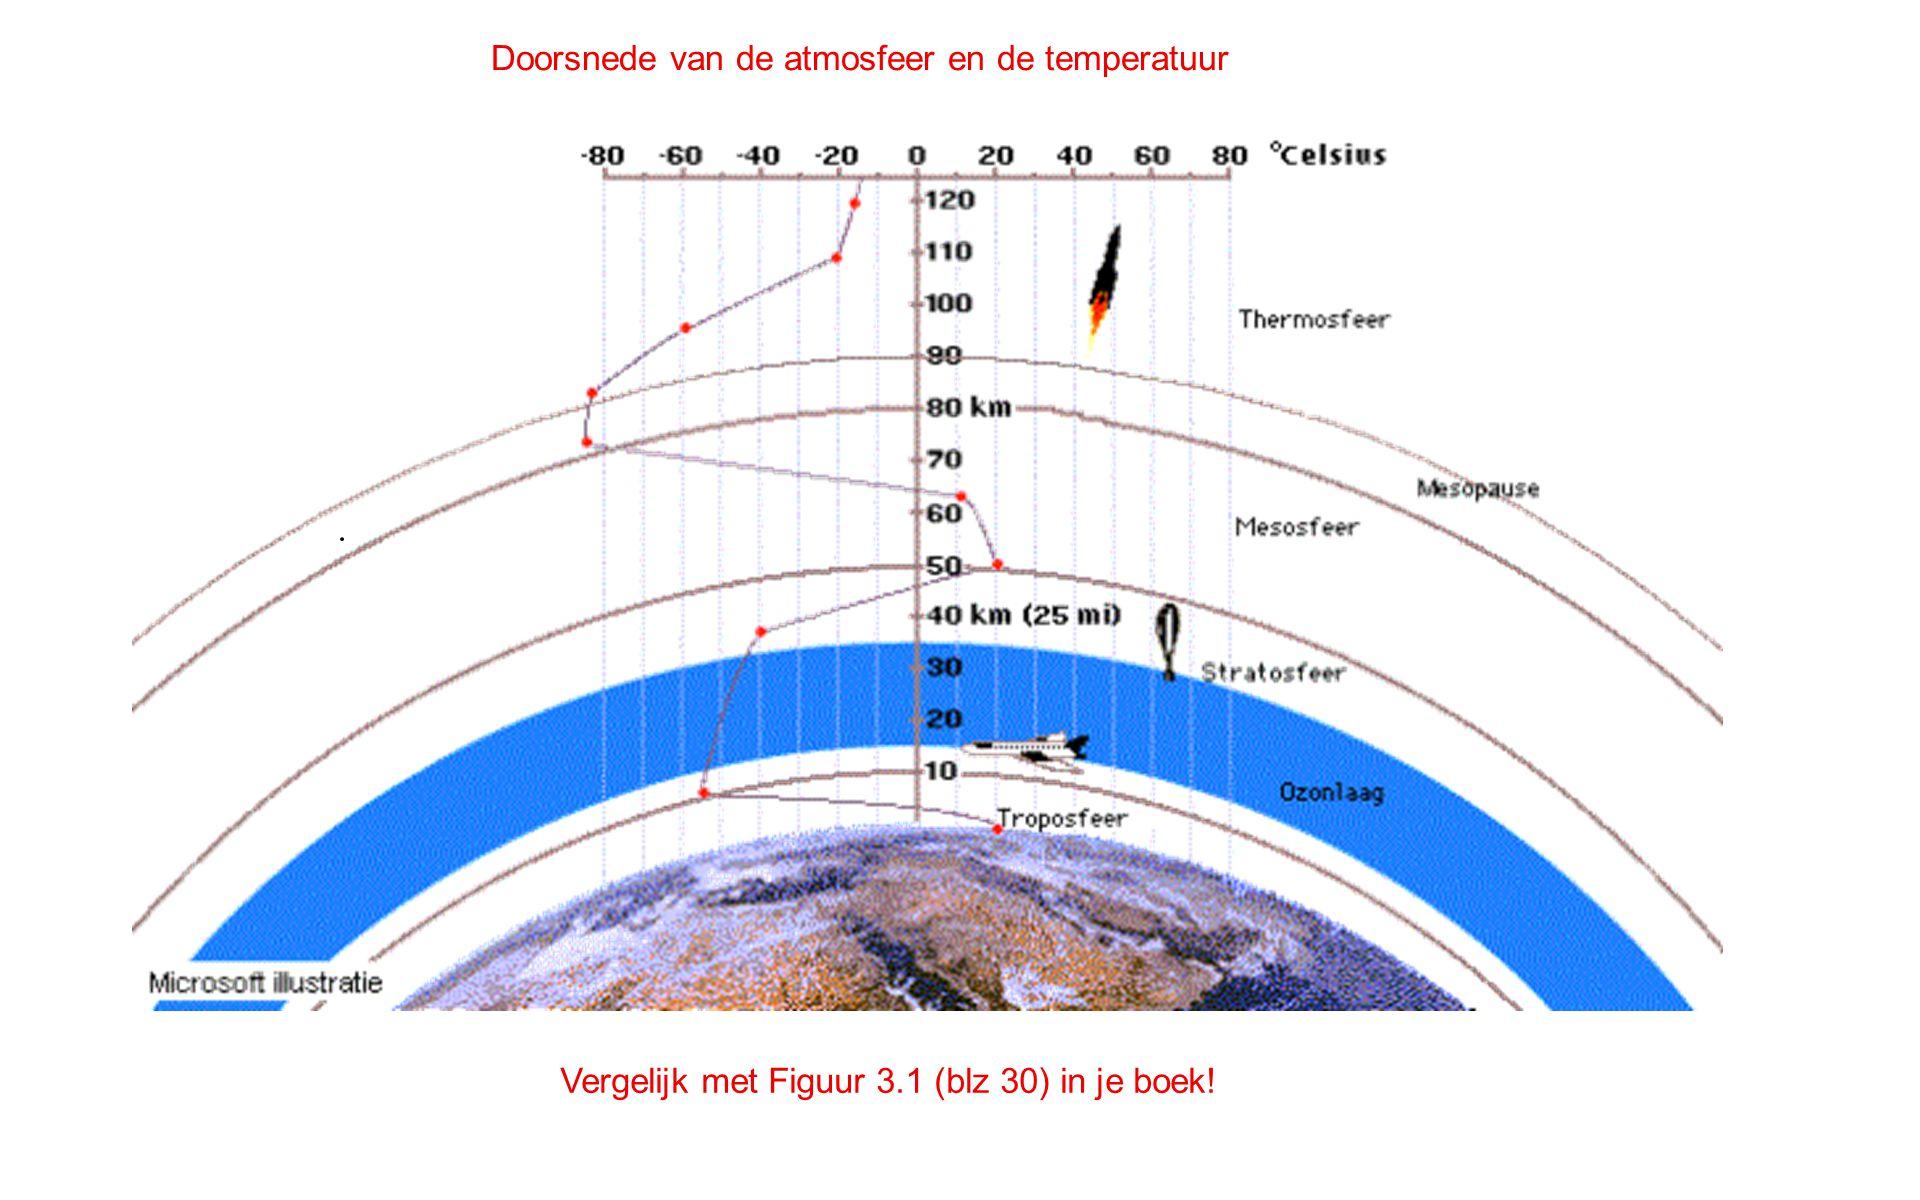 Doorsnede van de atmosfeer en de temperatuur